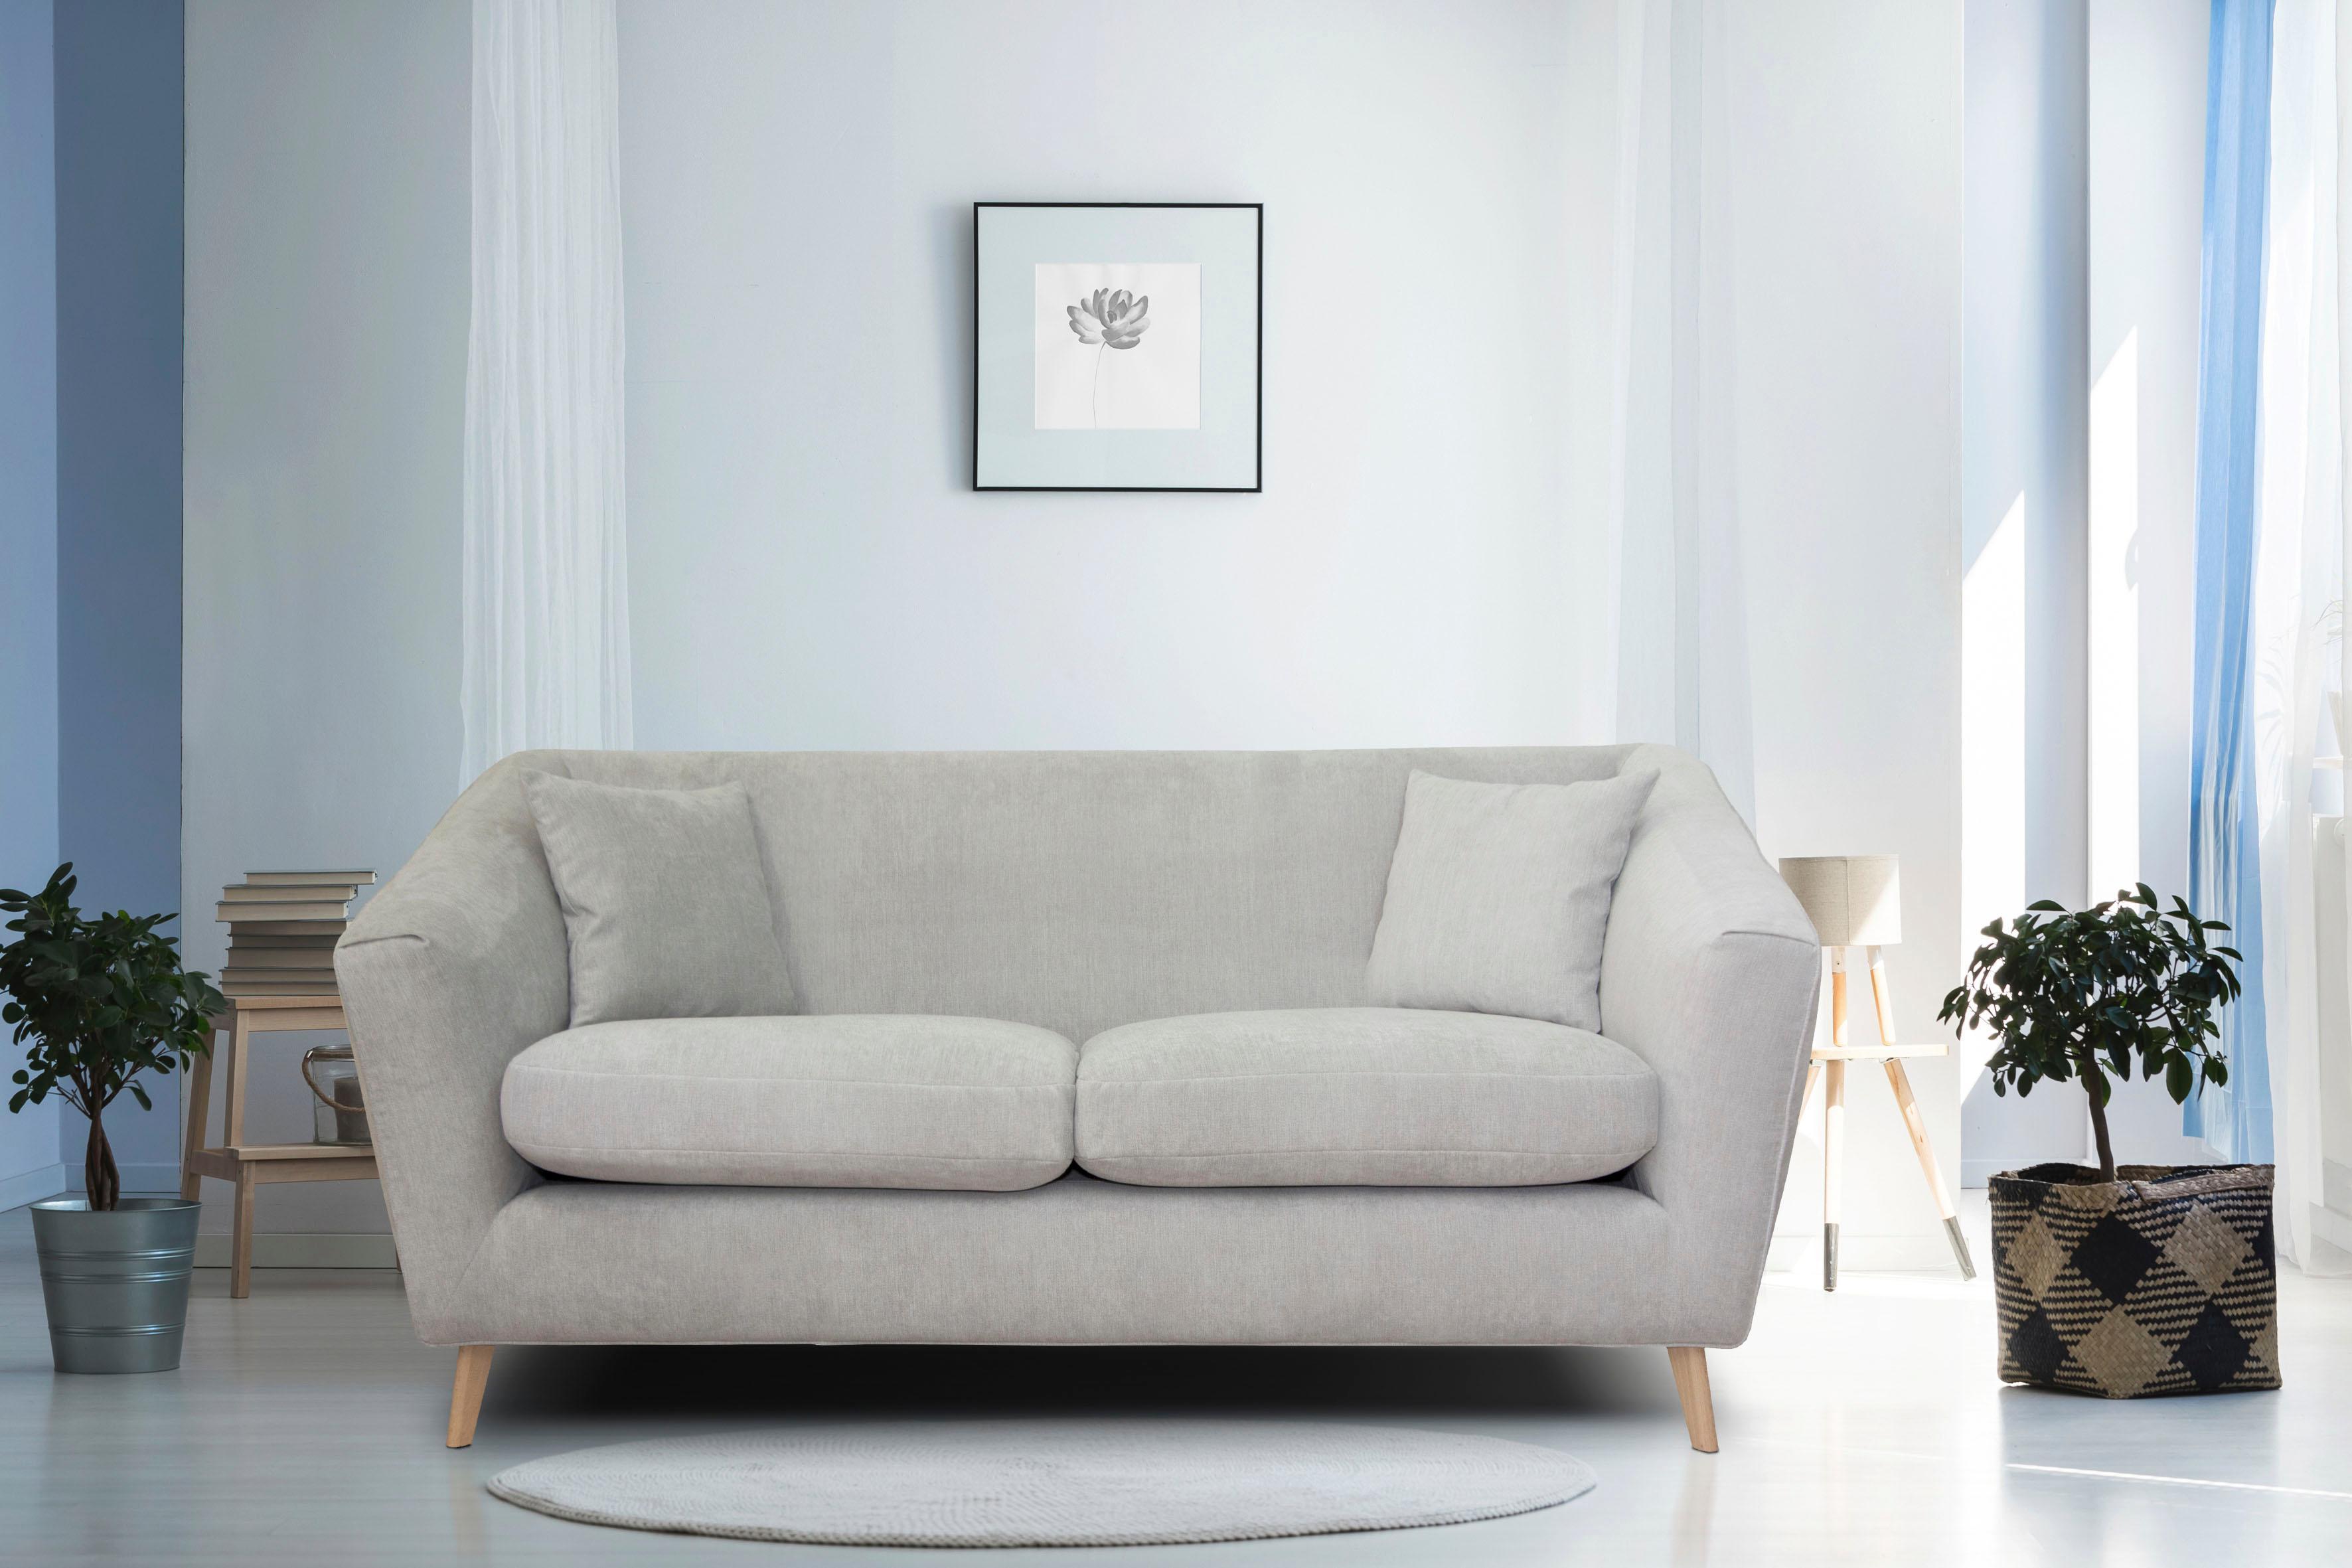 Home affaire 2-Sitzer Lea